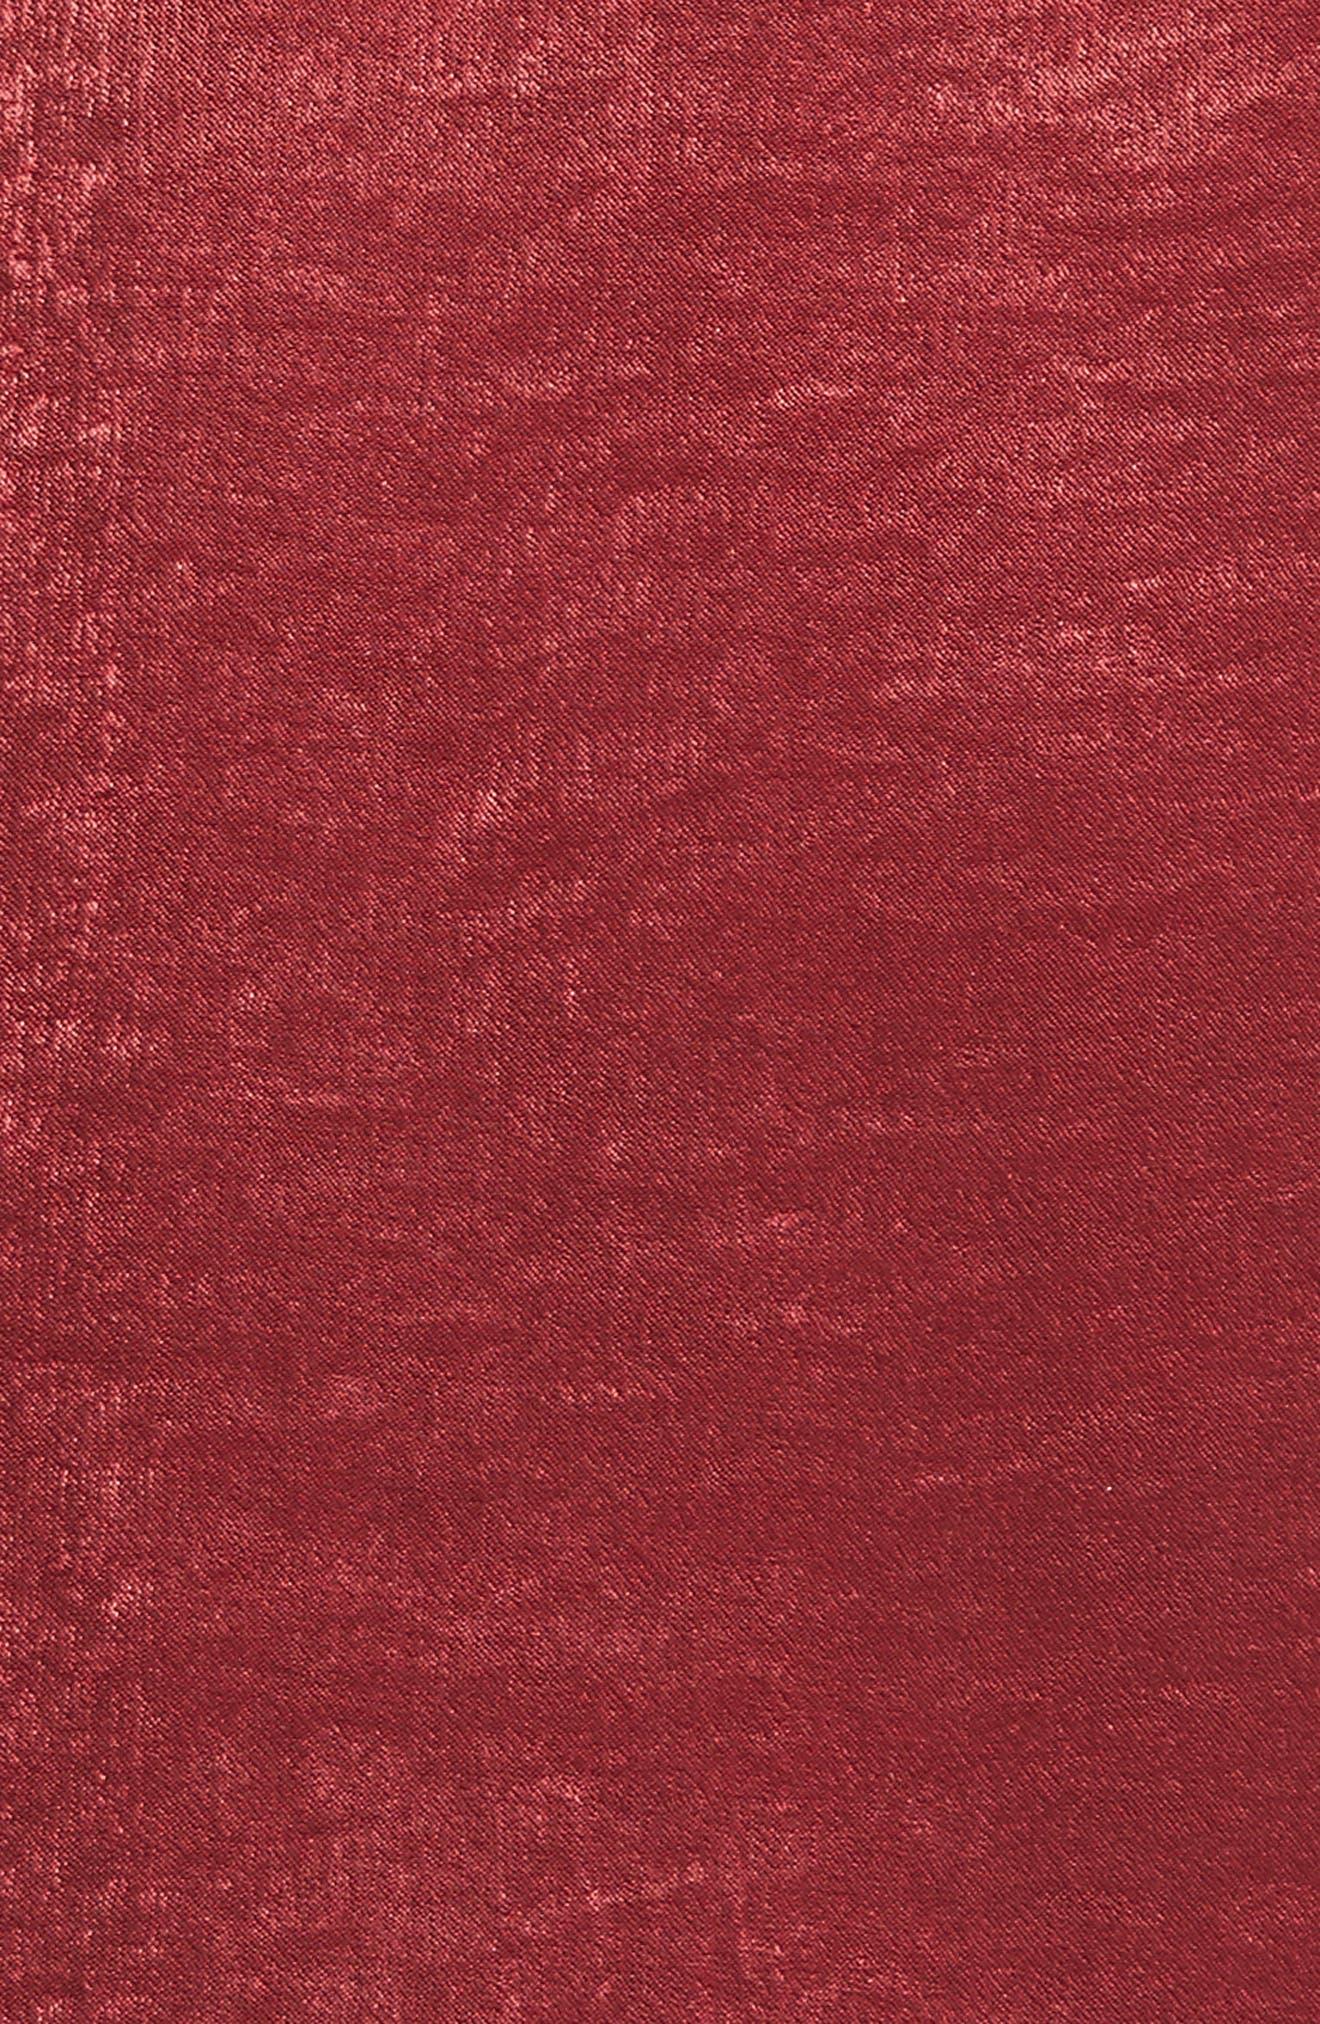 Lace Trim Camisole,                             Alternate thumbnail 5, color,                             Cordovan